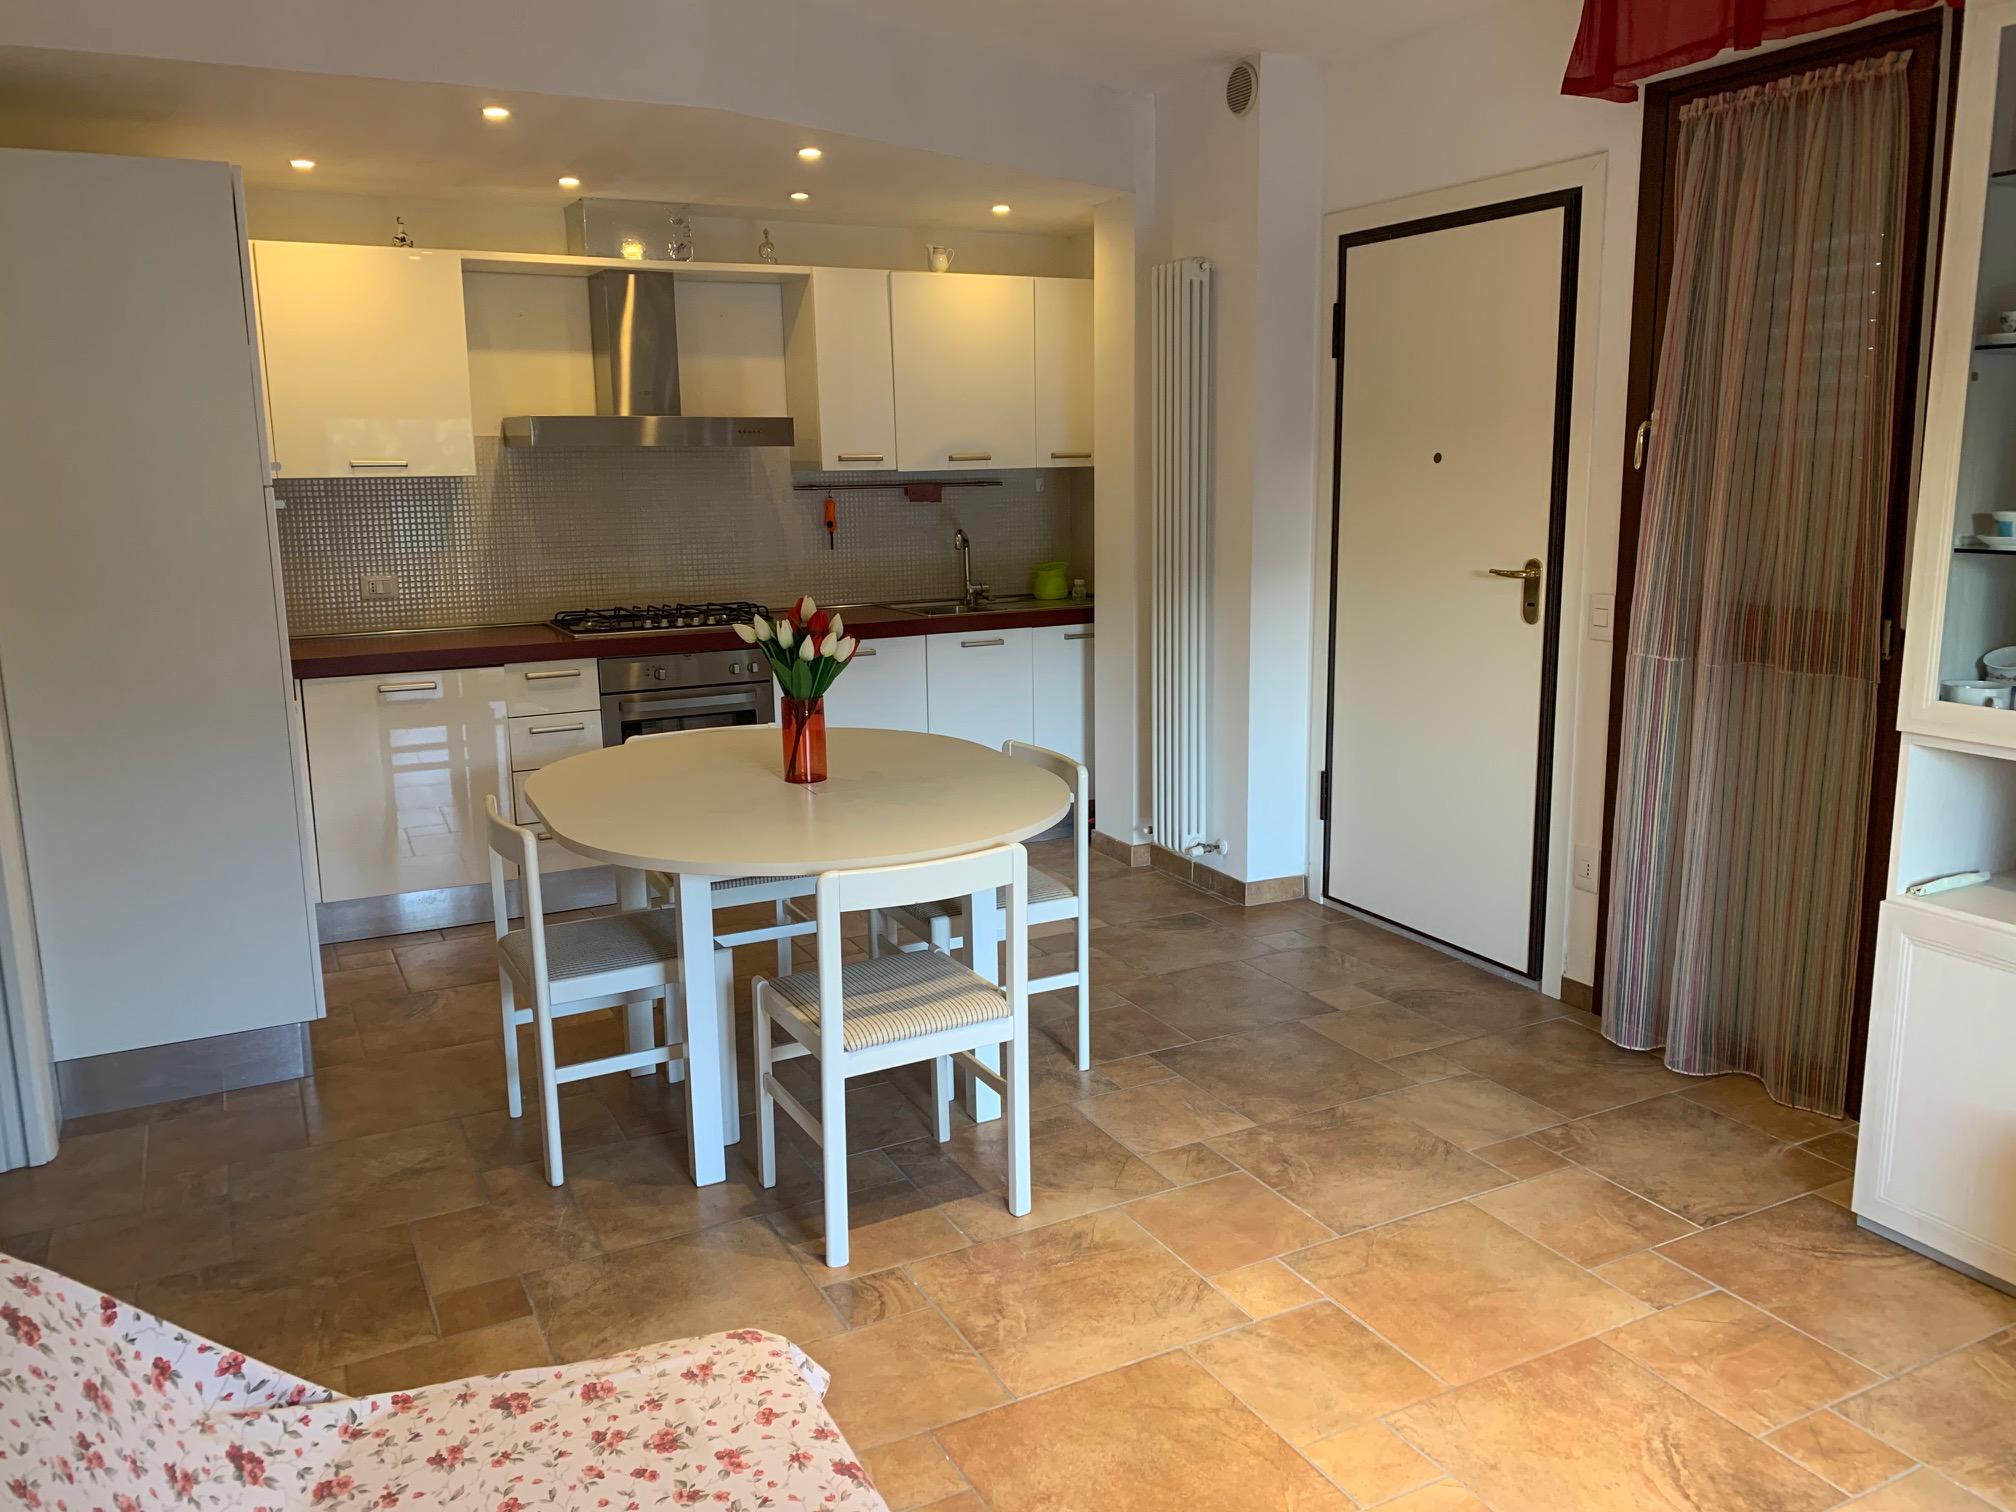 Appartamento vendita SENIGALLIA (AN) - 99 LOCALI - 70 MQ